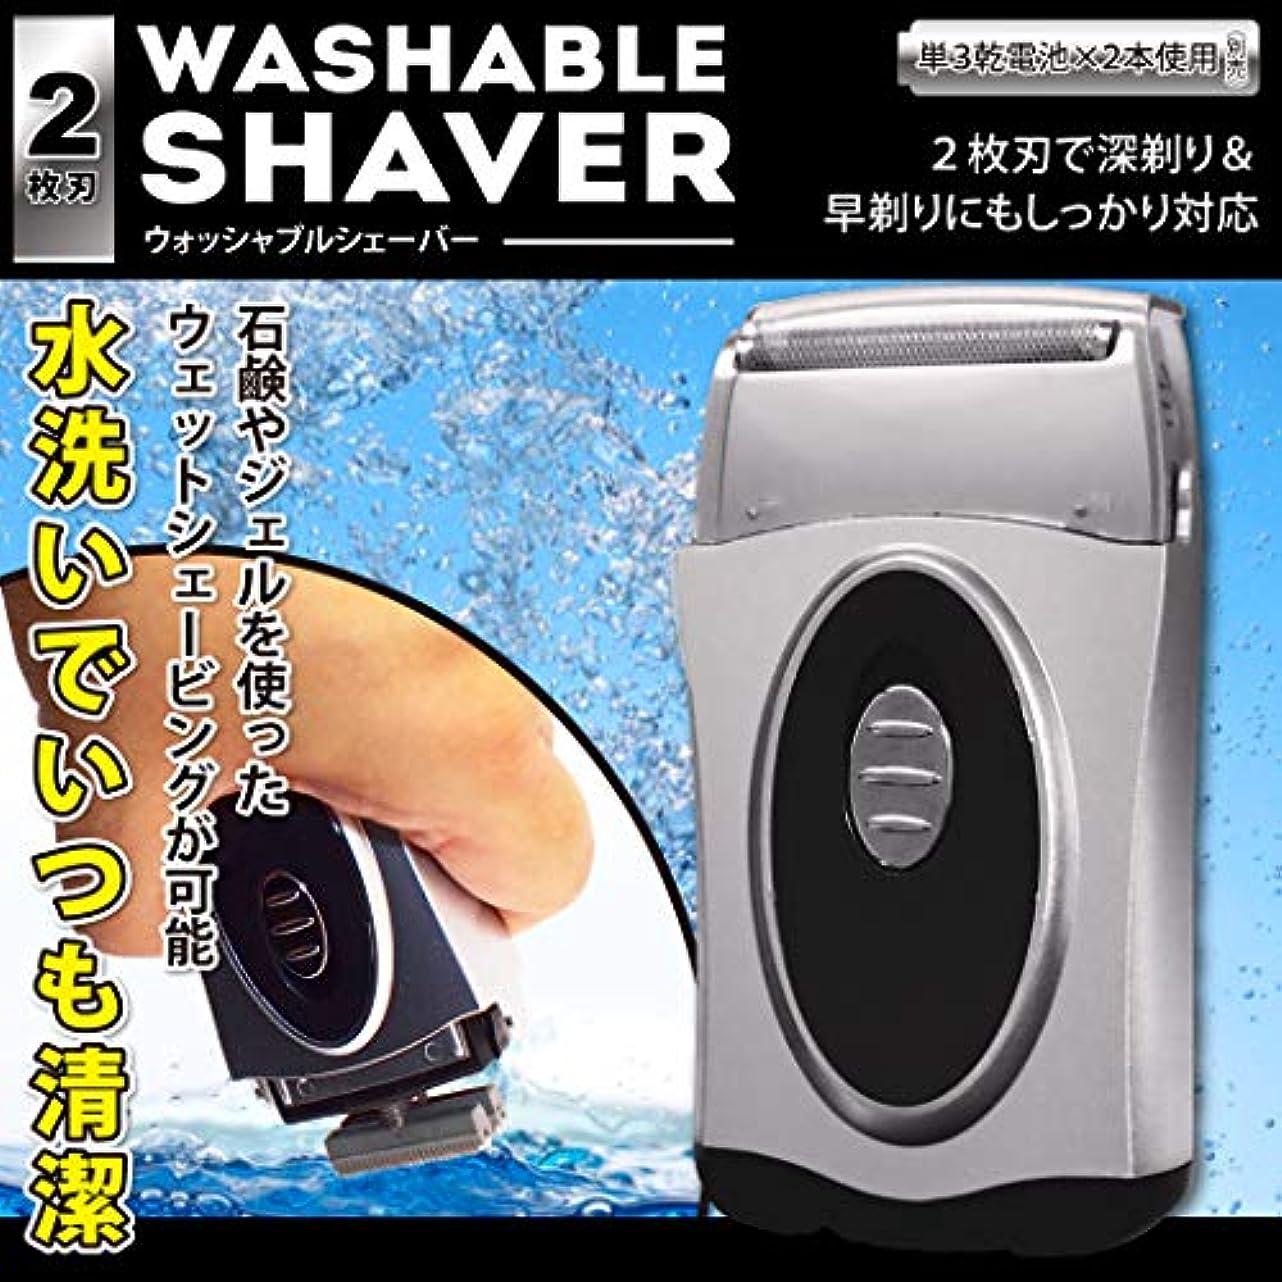 シリアル注目すべき望まないウォッシャブルシェーバー 2枚刃 水洗い